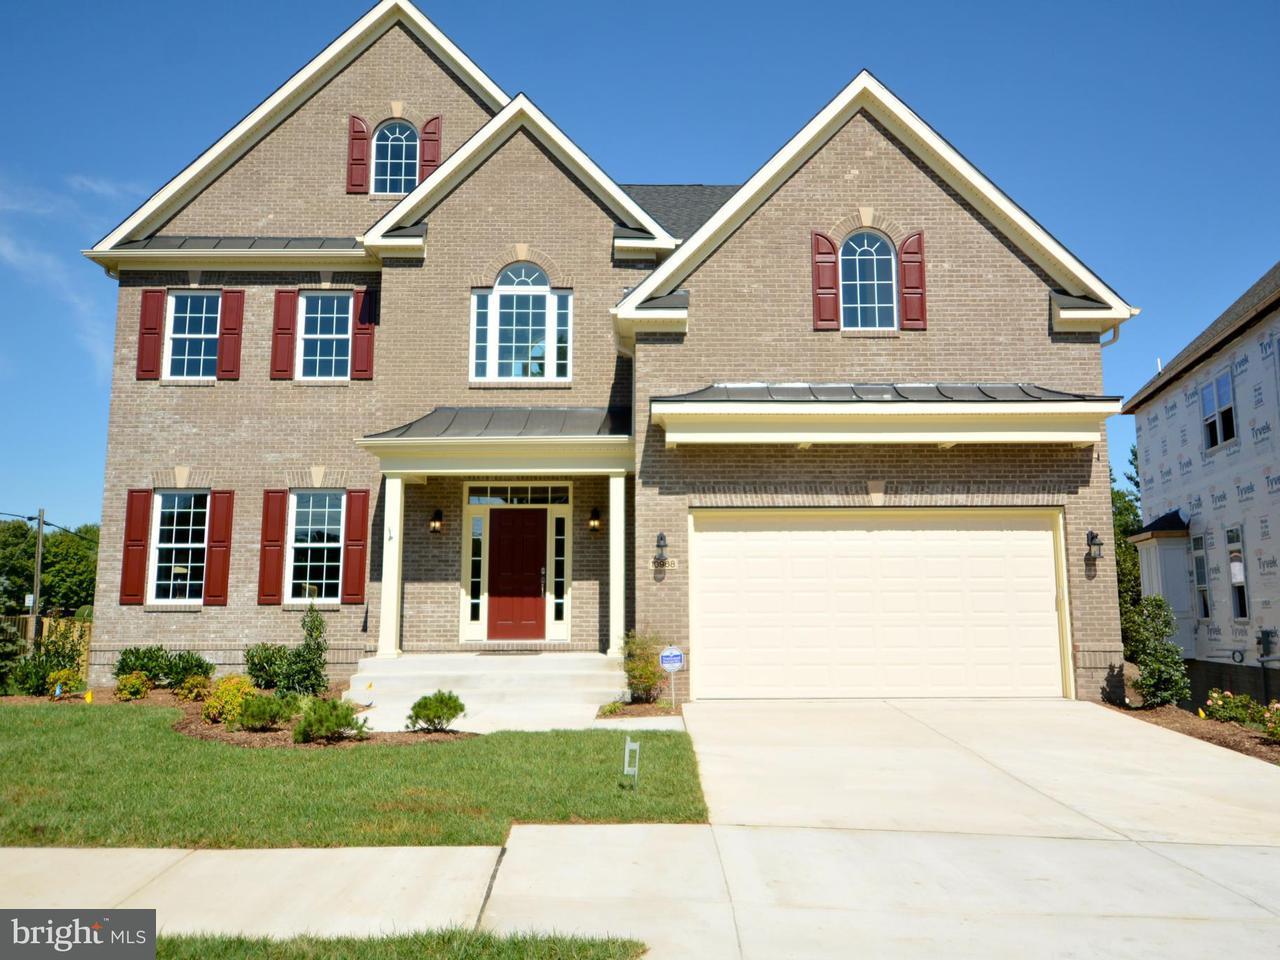 獨棟家庭住宅 為 出售 在 10968 Thompsons Creek Circle 10968 Thompsons Creek Circle Fairfax Station, 弗吉尼亞州 22039 美國